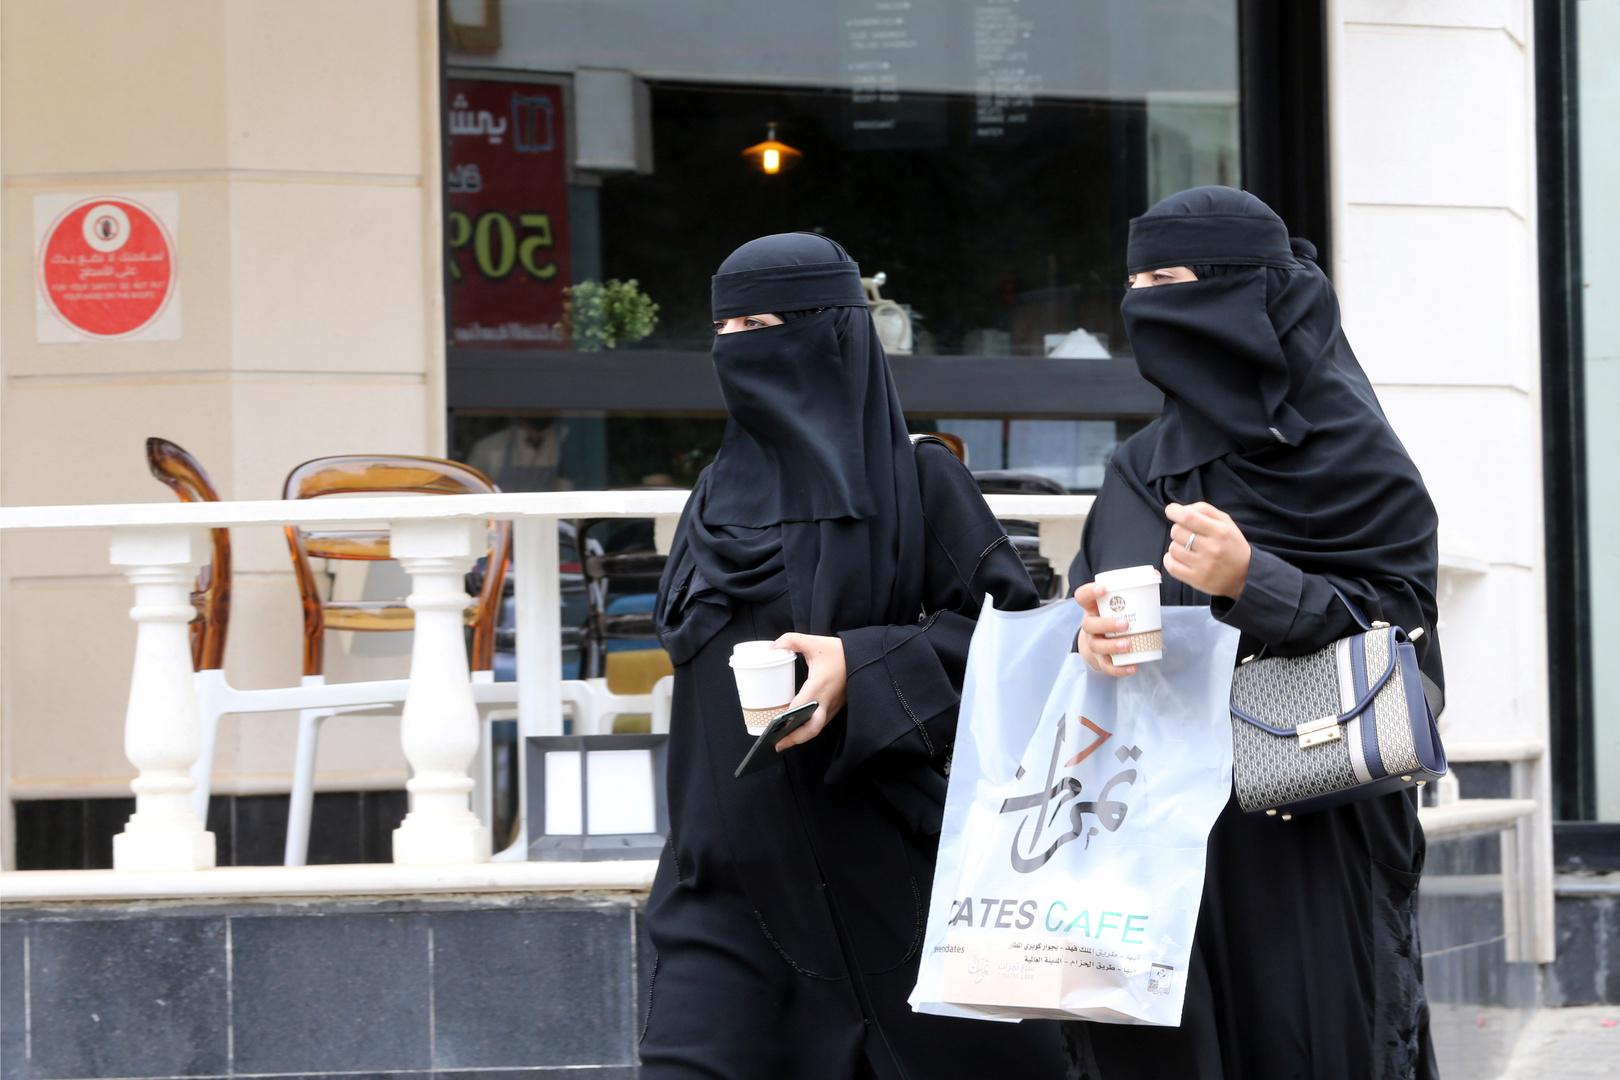 السعودية.. الموافقة على التشهير بالمتحرشين والكشف عن تفاصيل القانون الجديد